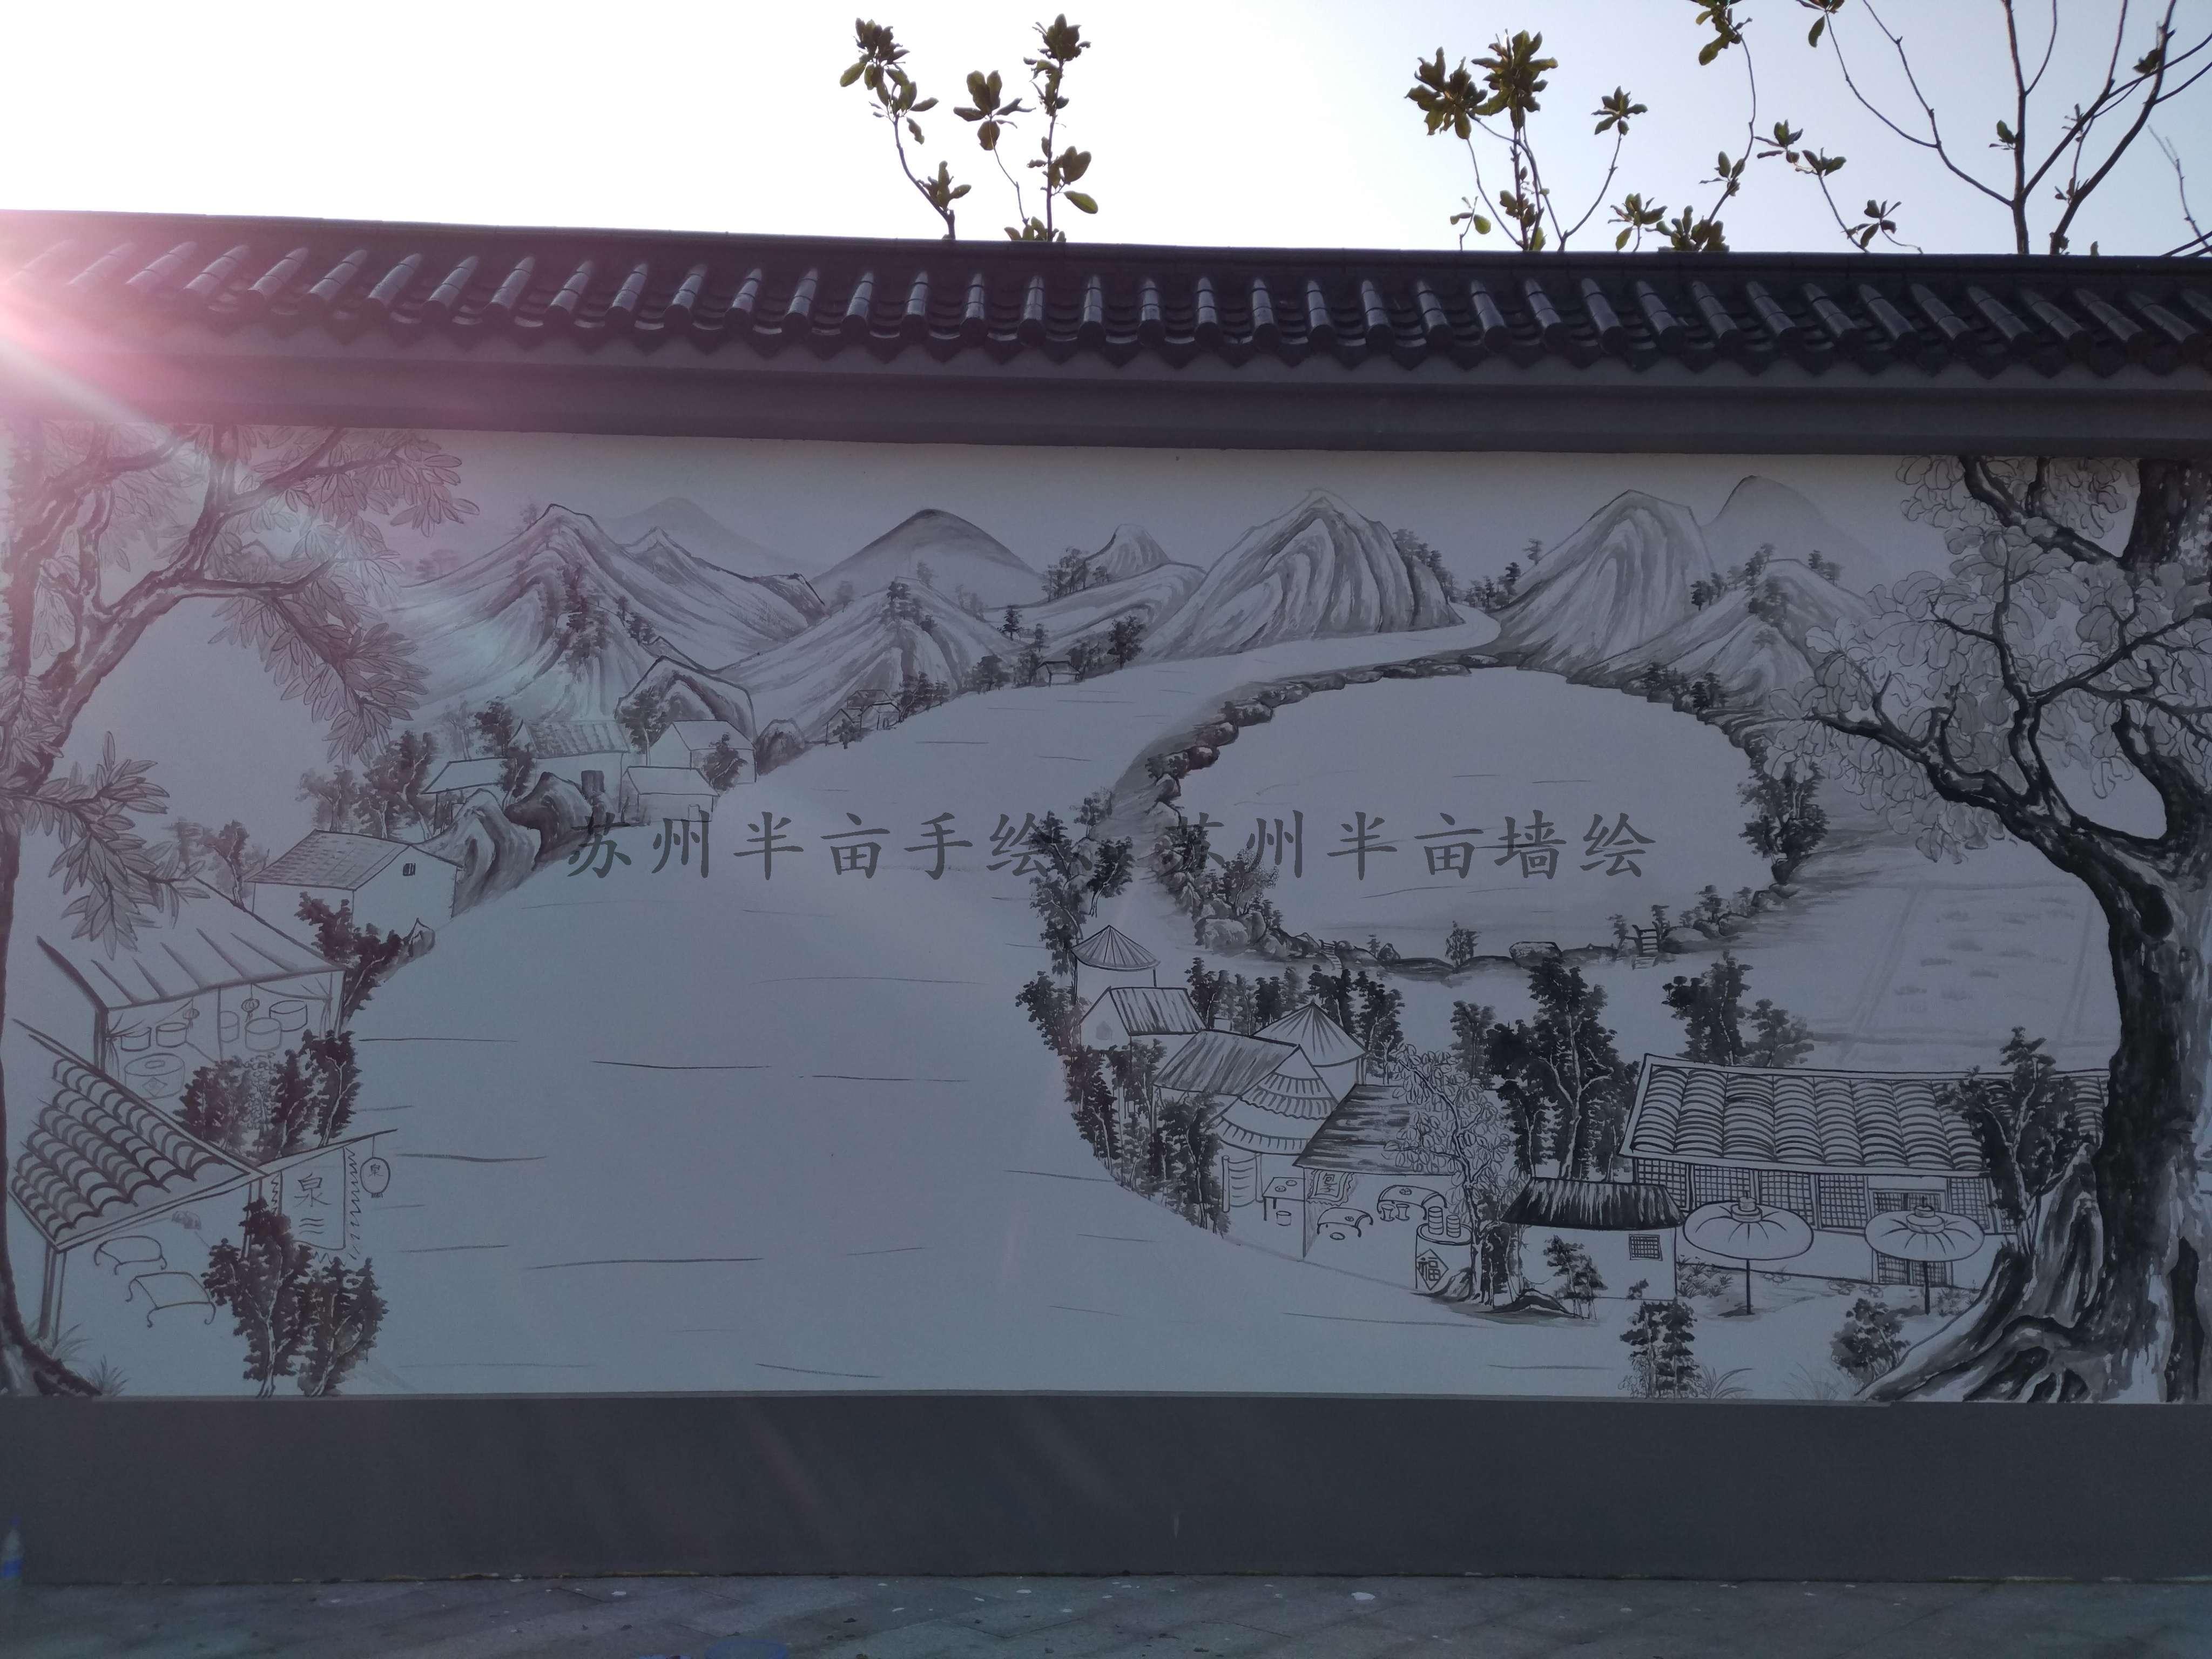 苏州半亩墙绘,风景区手绘墙